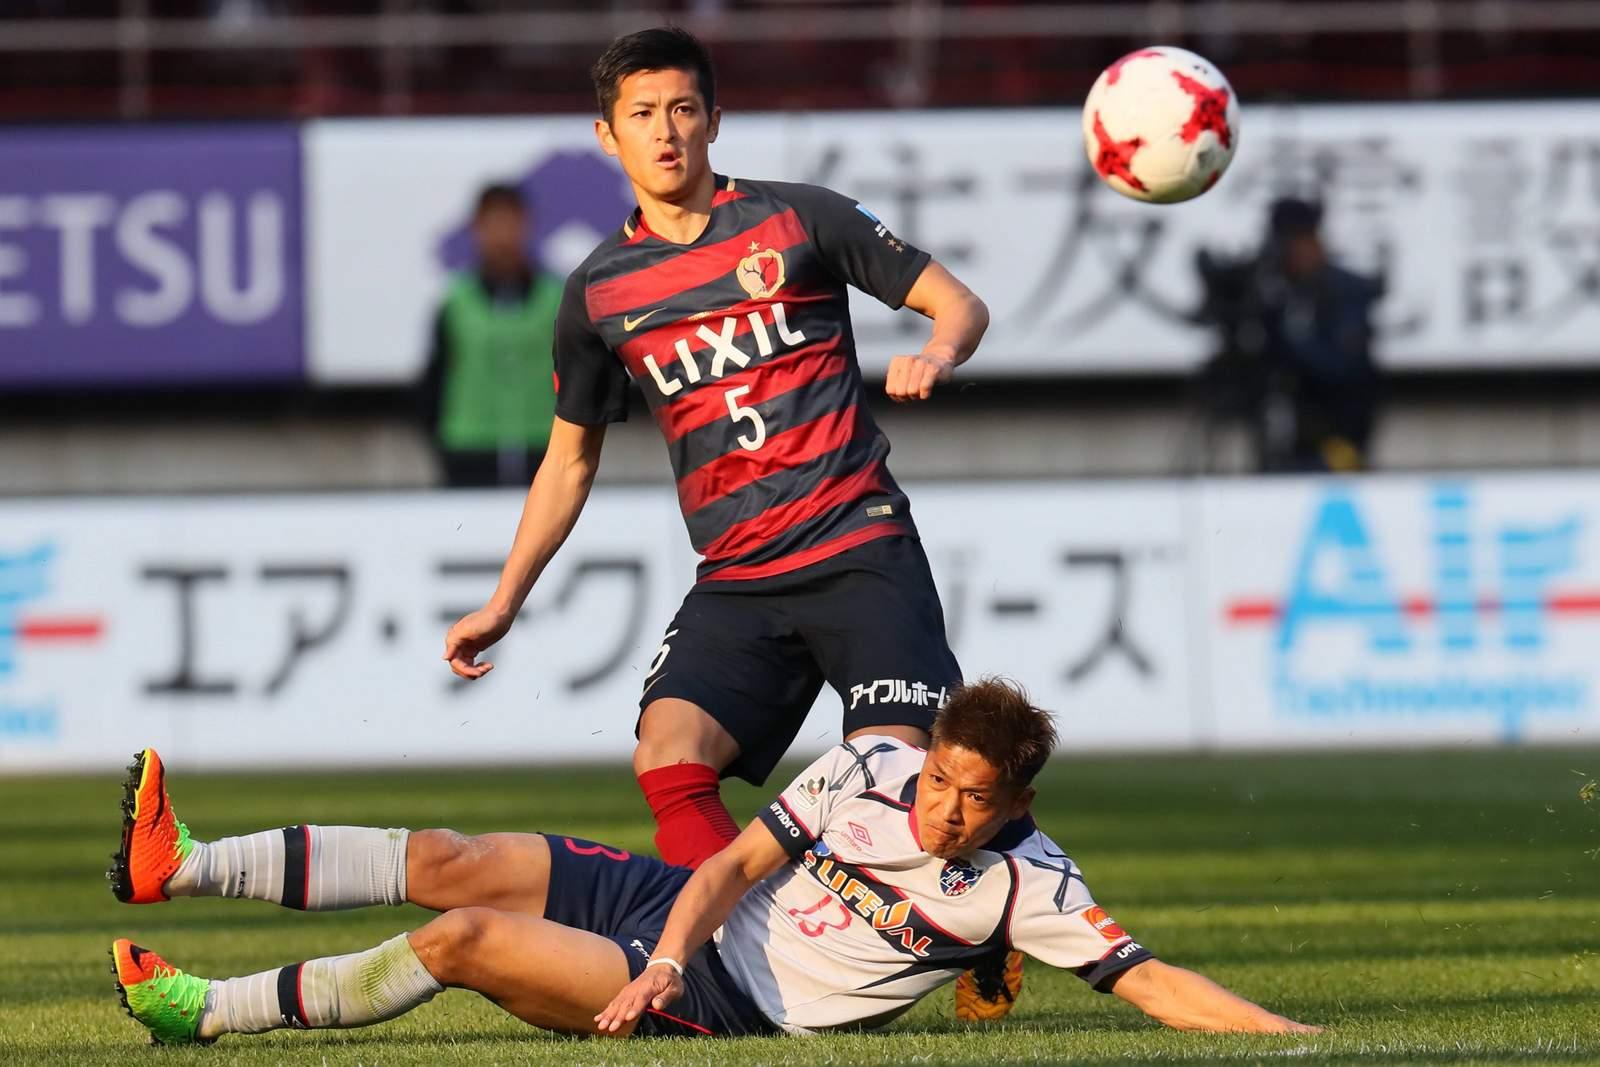 Naomichi Ueda von Antlers schießt aufs Tor